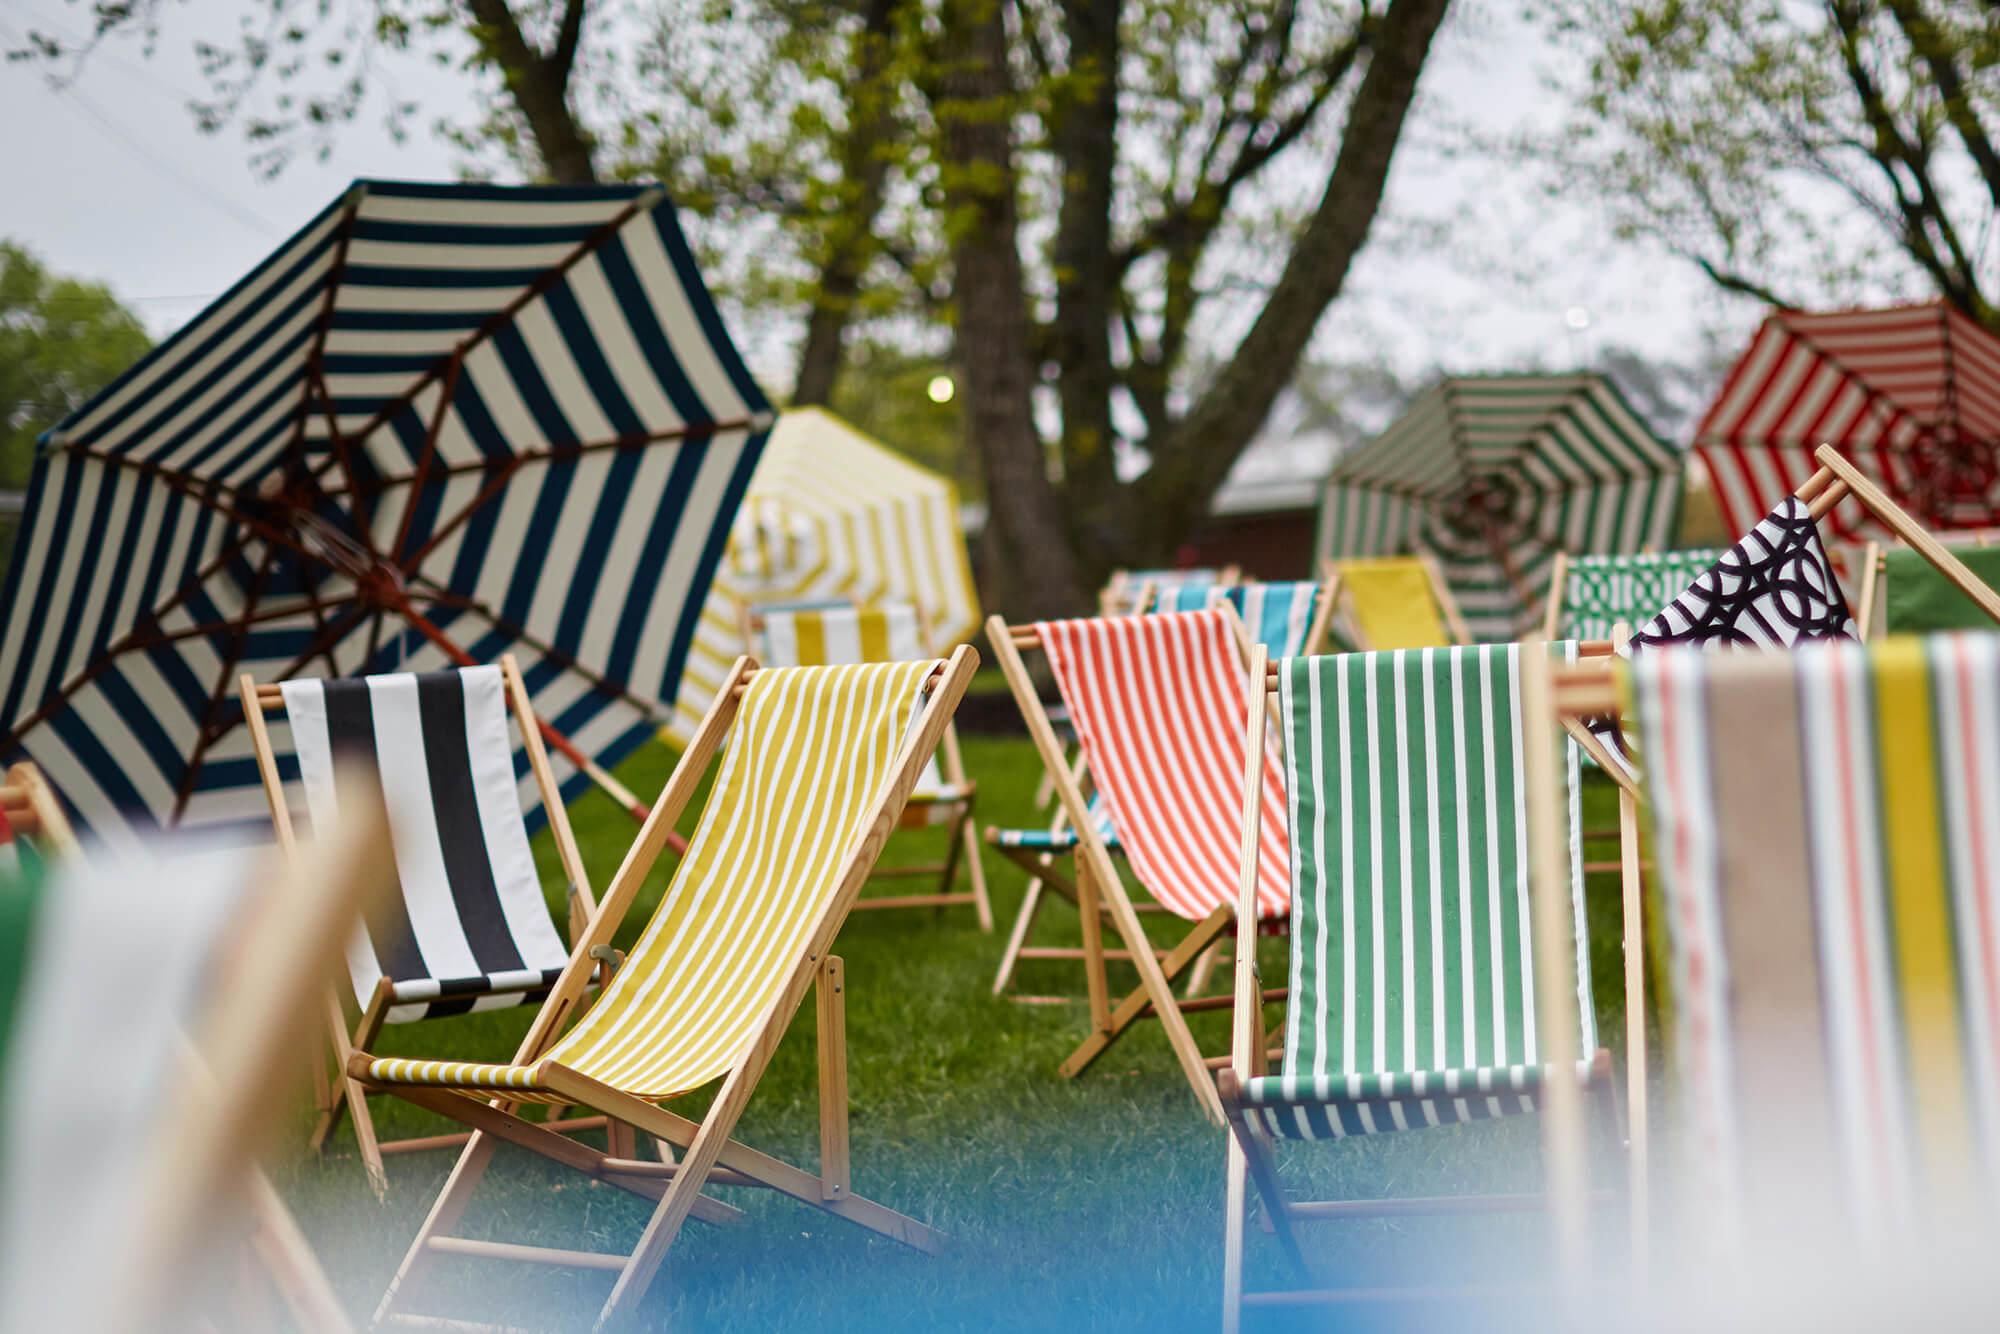 เก้าอี้คาบานาลายทางสีสว่างและร่มที่วางอยู่บนสนามหญ้า